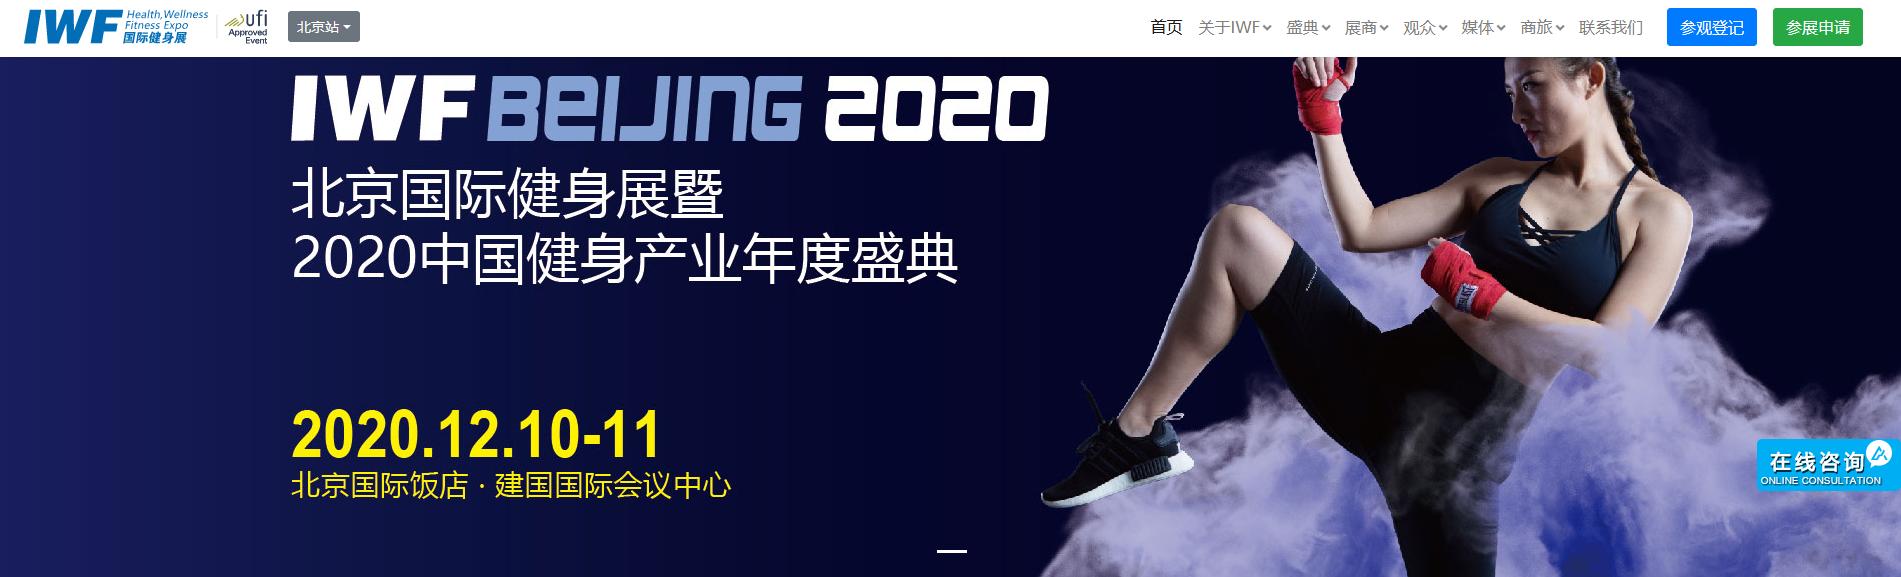 RUN北京跑步产业博览会